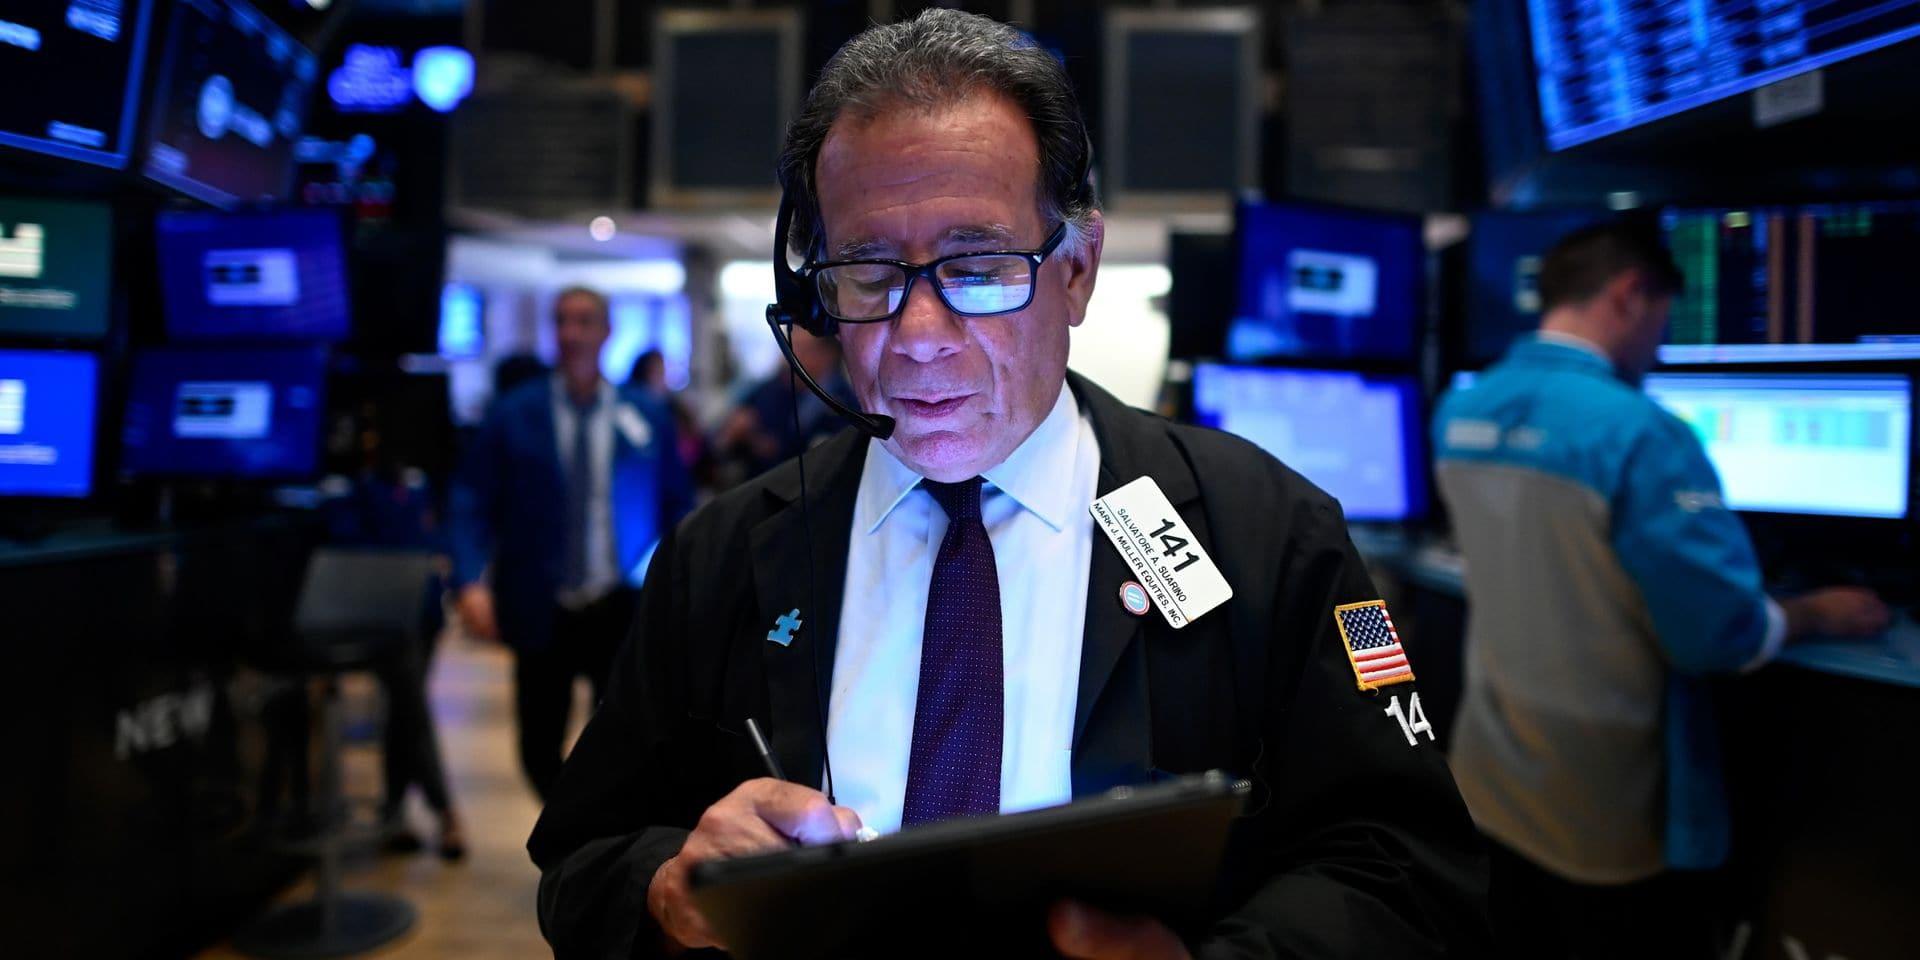 Wall Street ouvre en baisse après des chiffres en demi-teinte sur le chômage